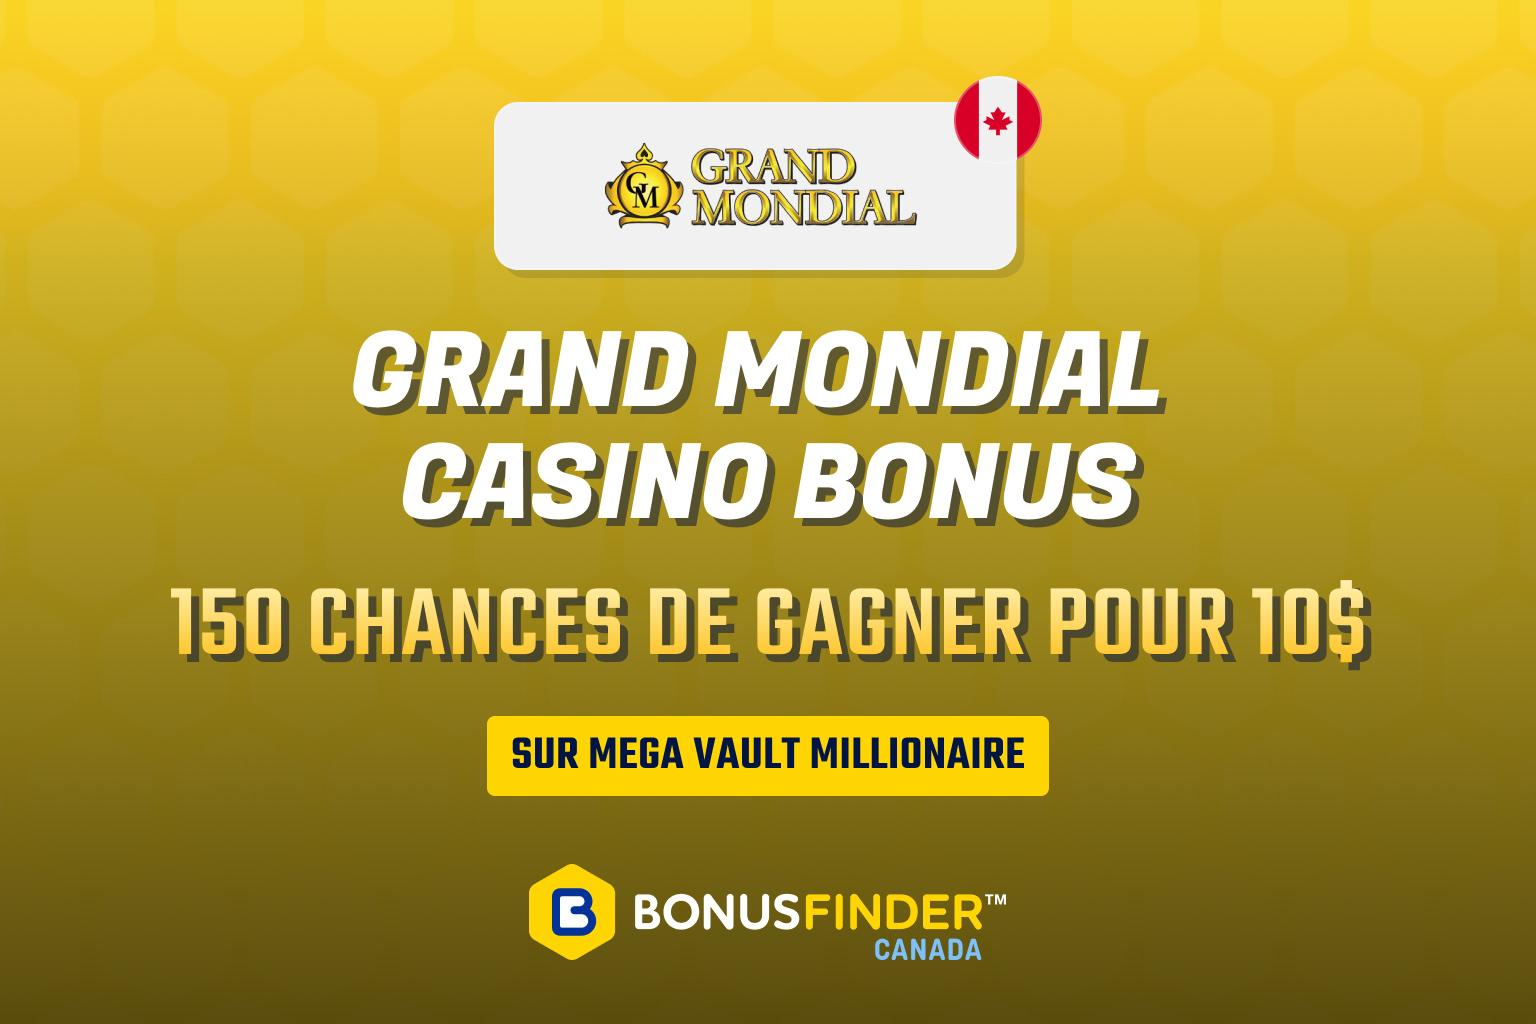 casino grand mondial bonus